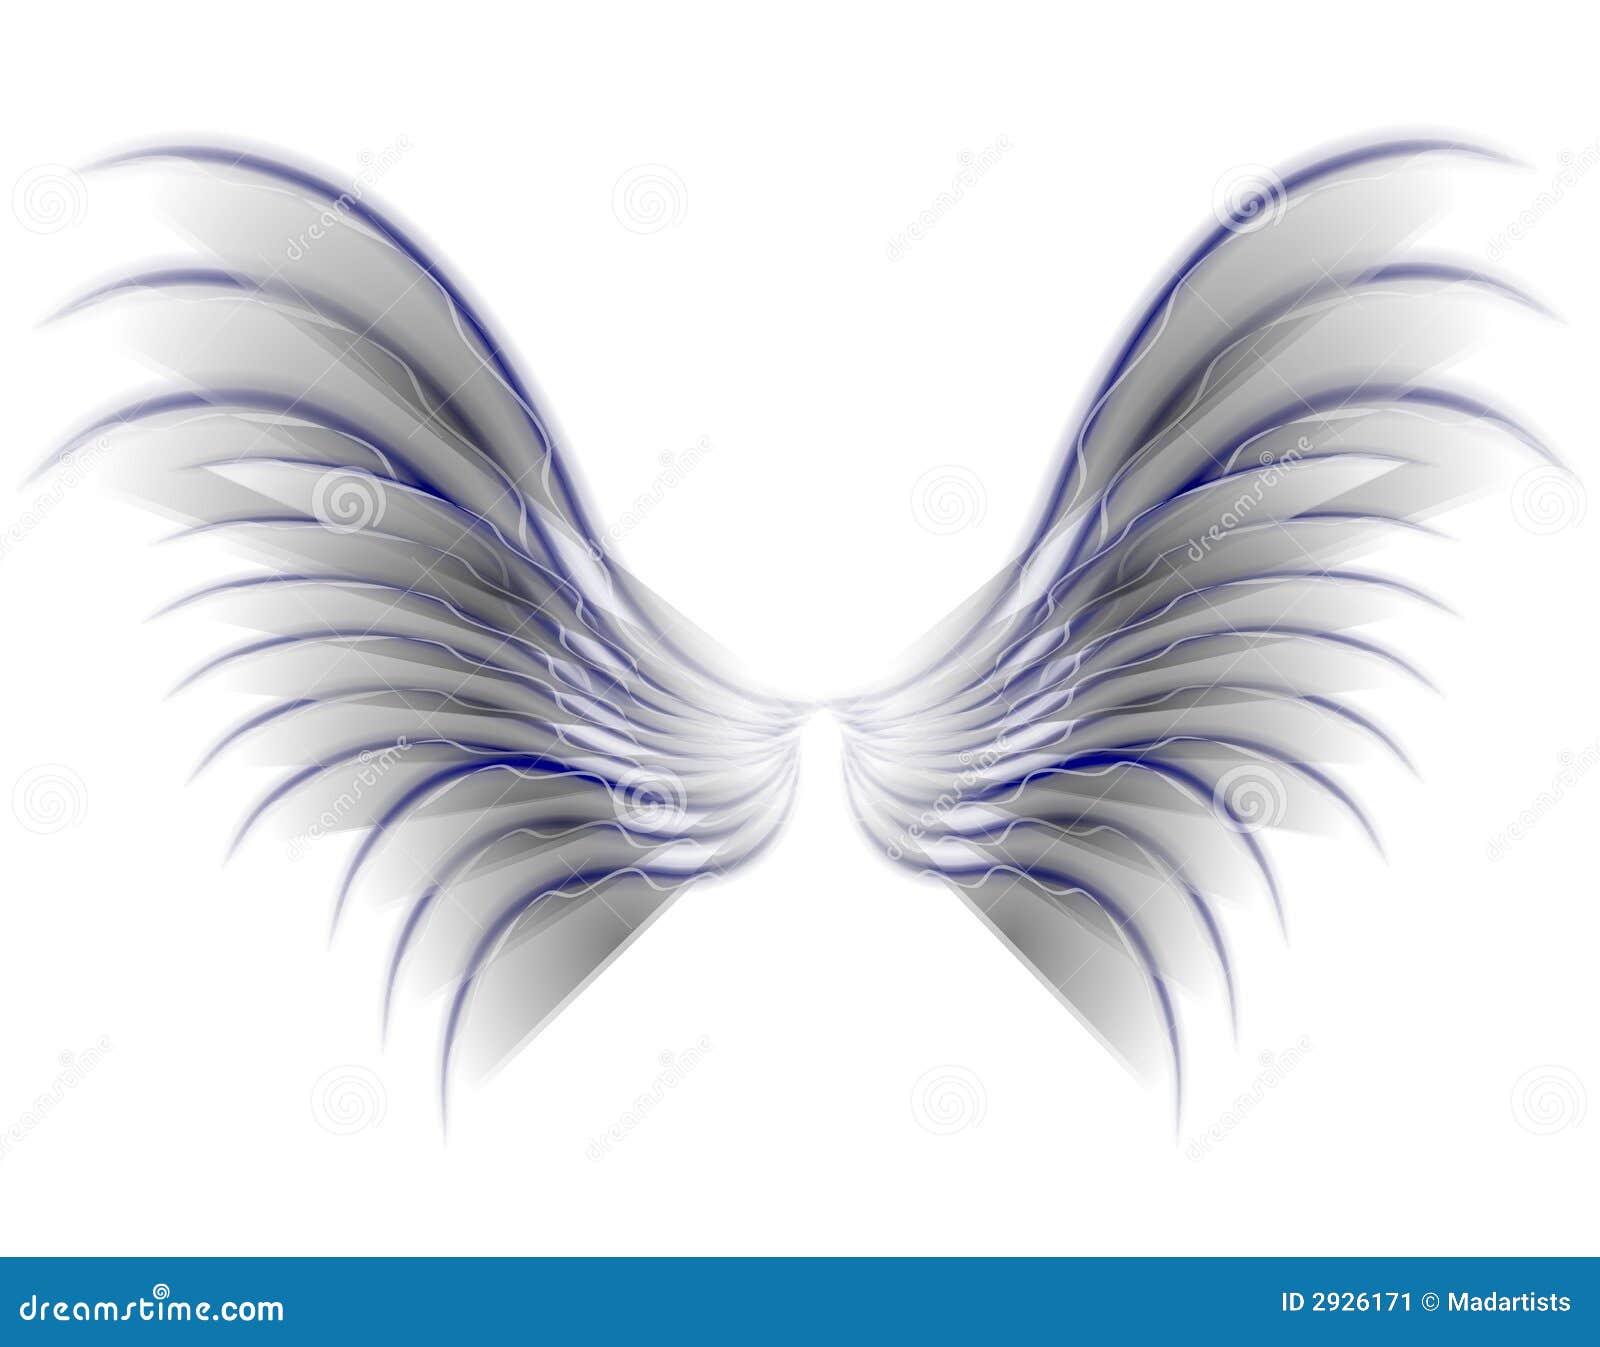 28 Angel Drawings Free Drawings Download: Alas Del Pájaro O De La Hada Del ángel Grises Stock De